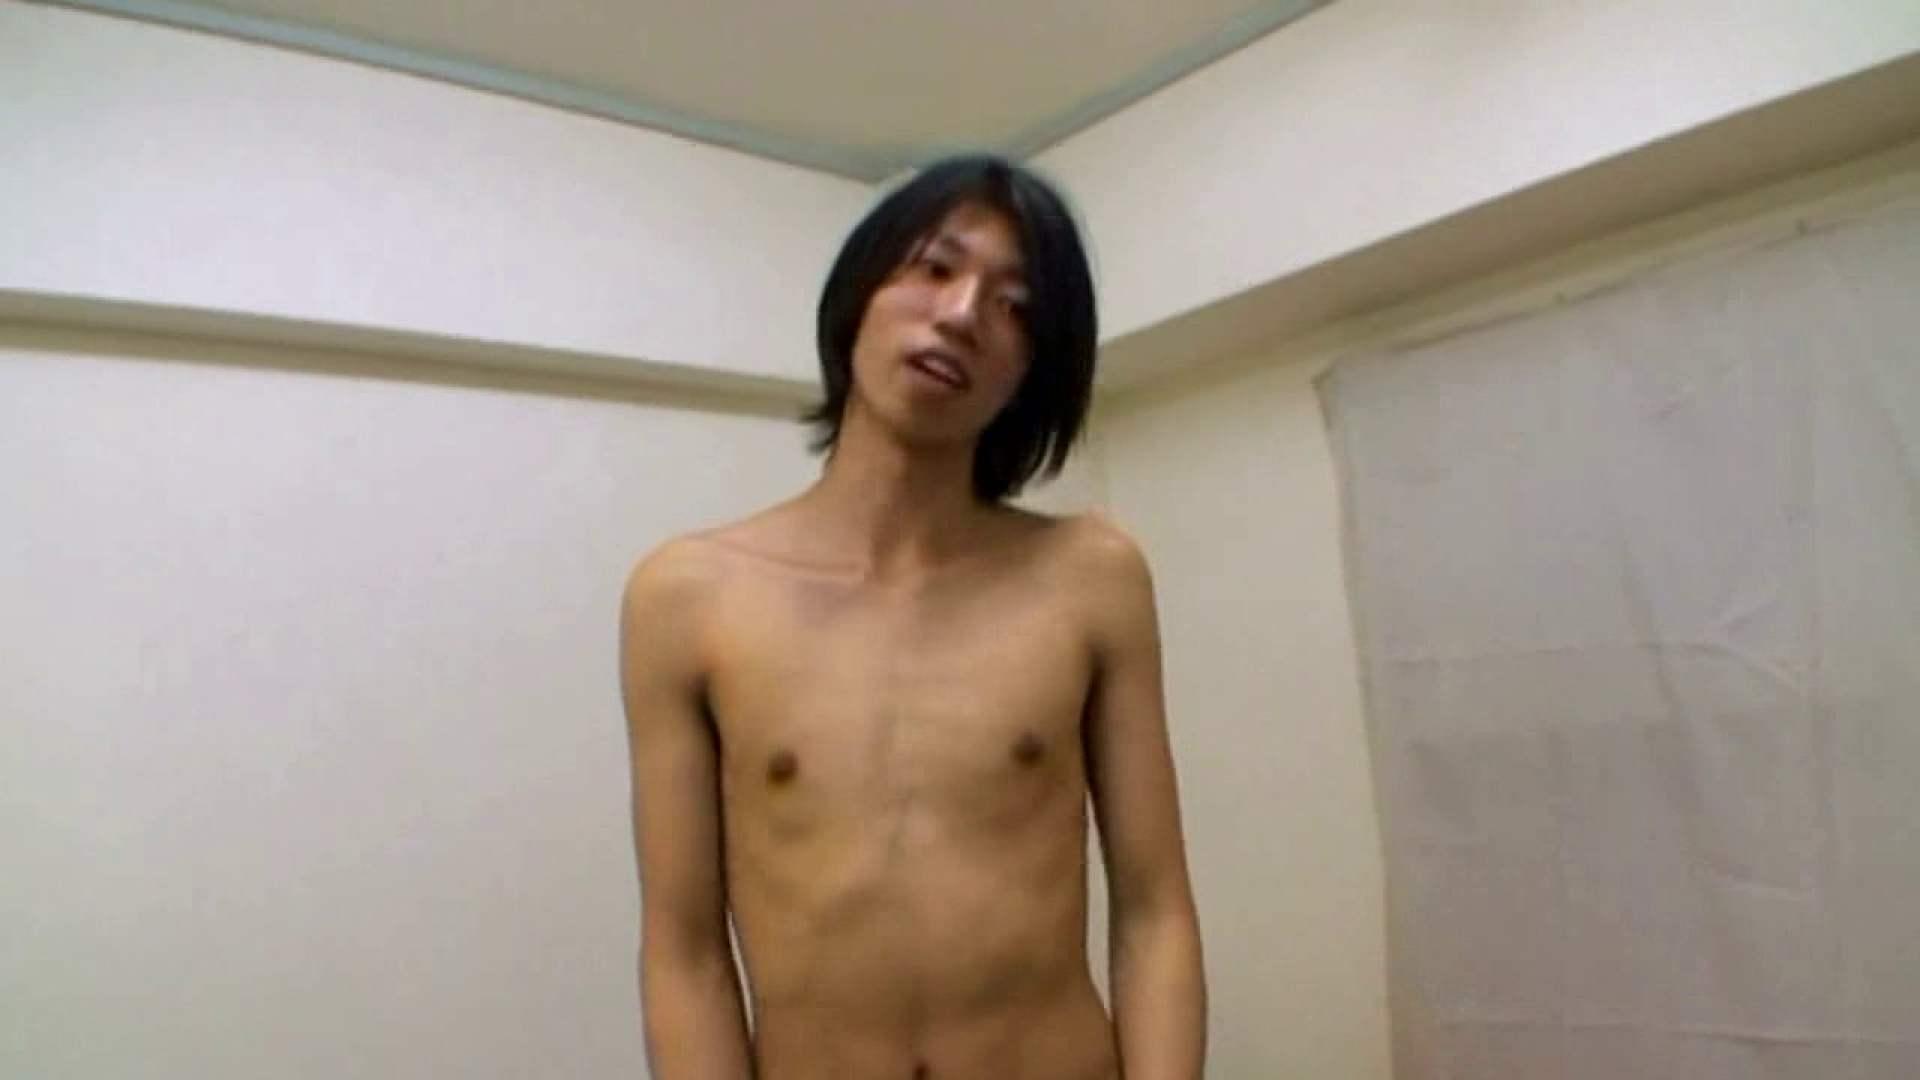 ノンケ!自慰スタジオ No.36 オナニー ゲイモロ画像 104枚 52